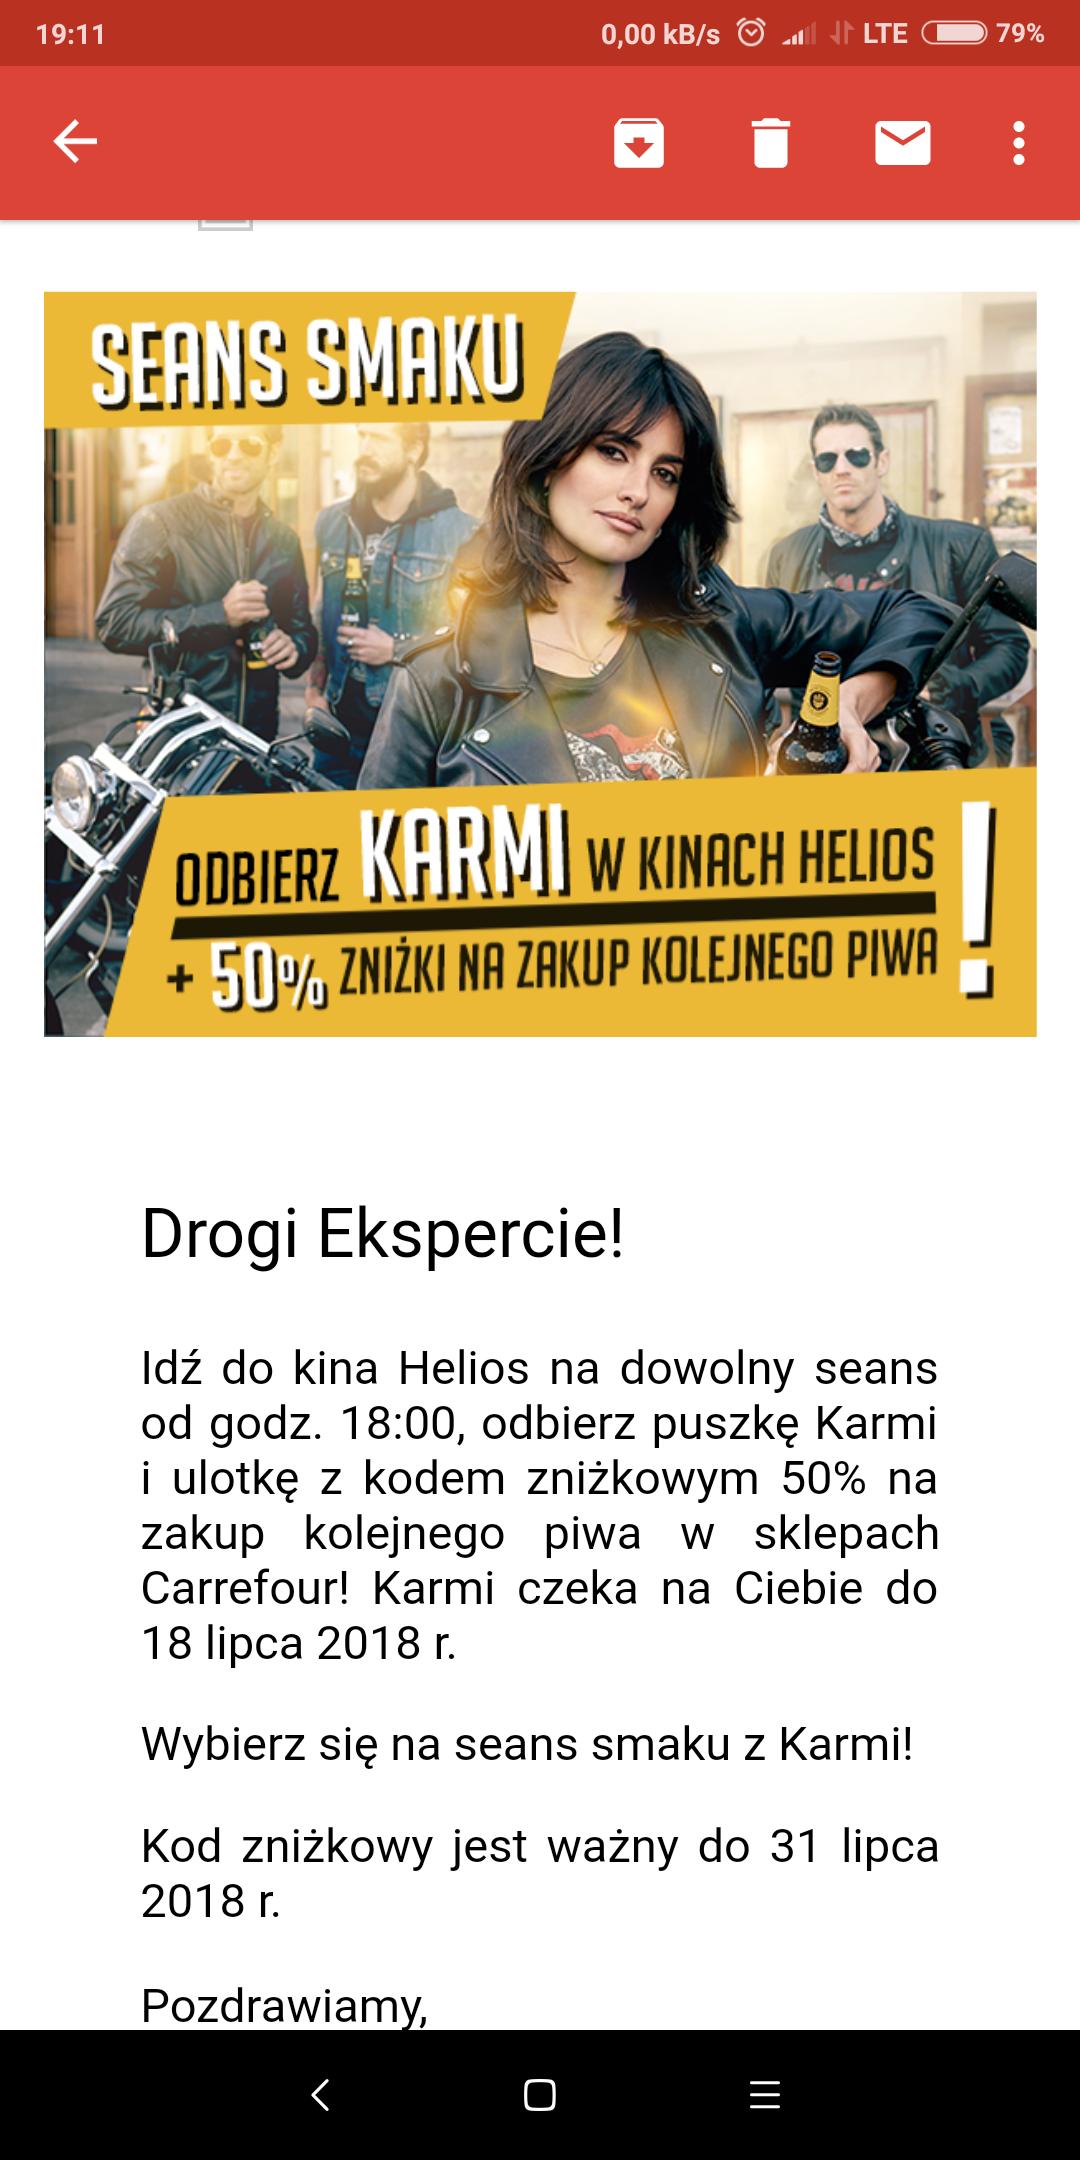 Karmi za darmo w kinach Helios